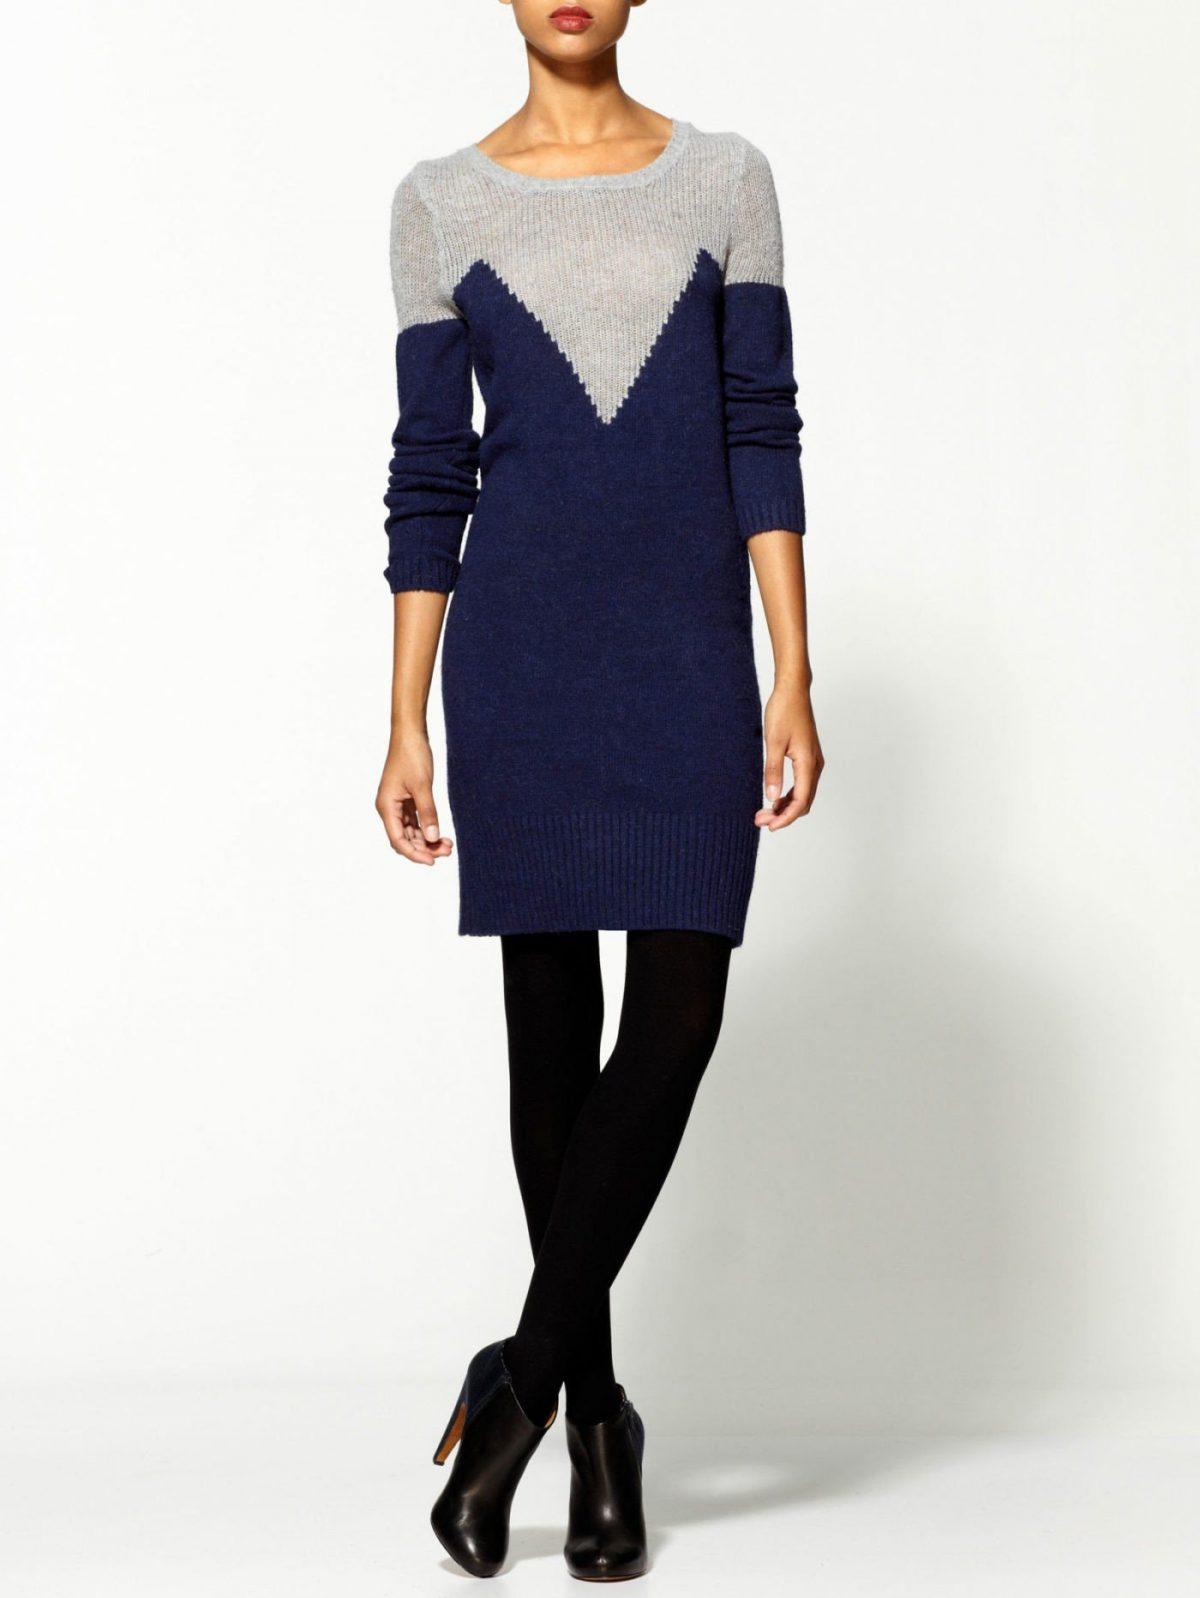 Тренды осень-зима 2018 2019: вязаное платье сине-серое